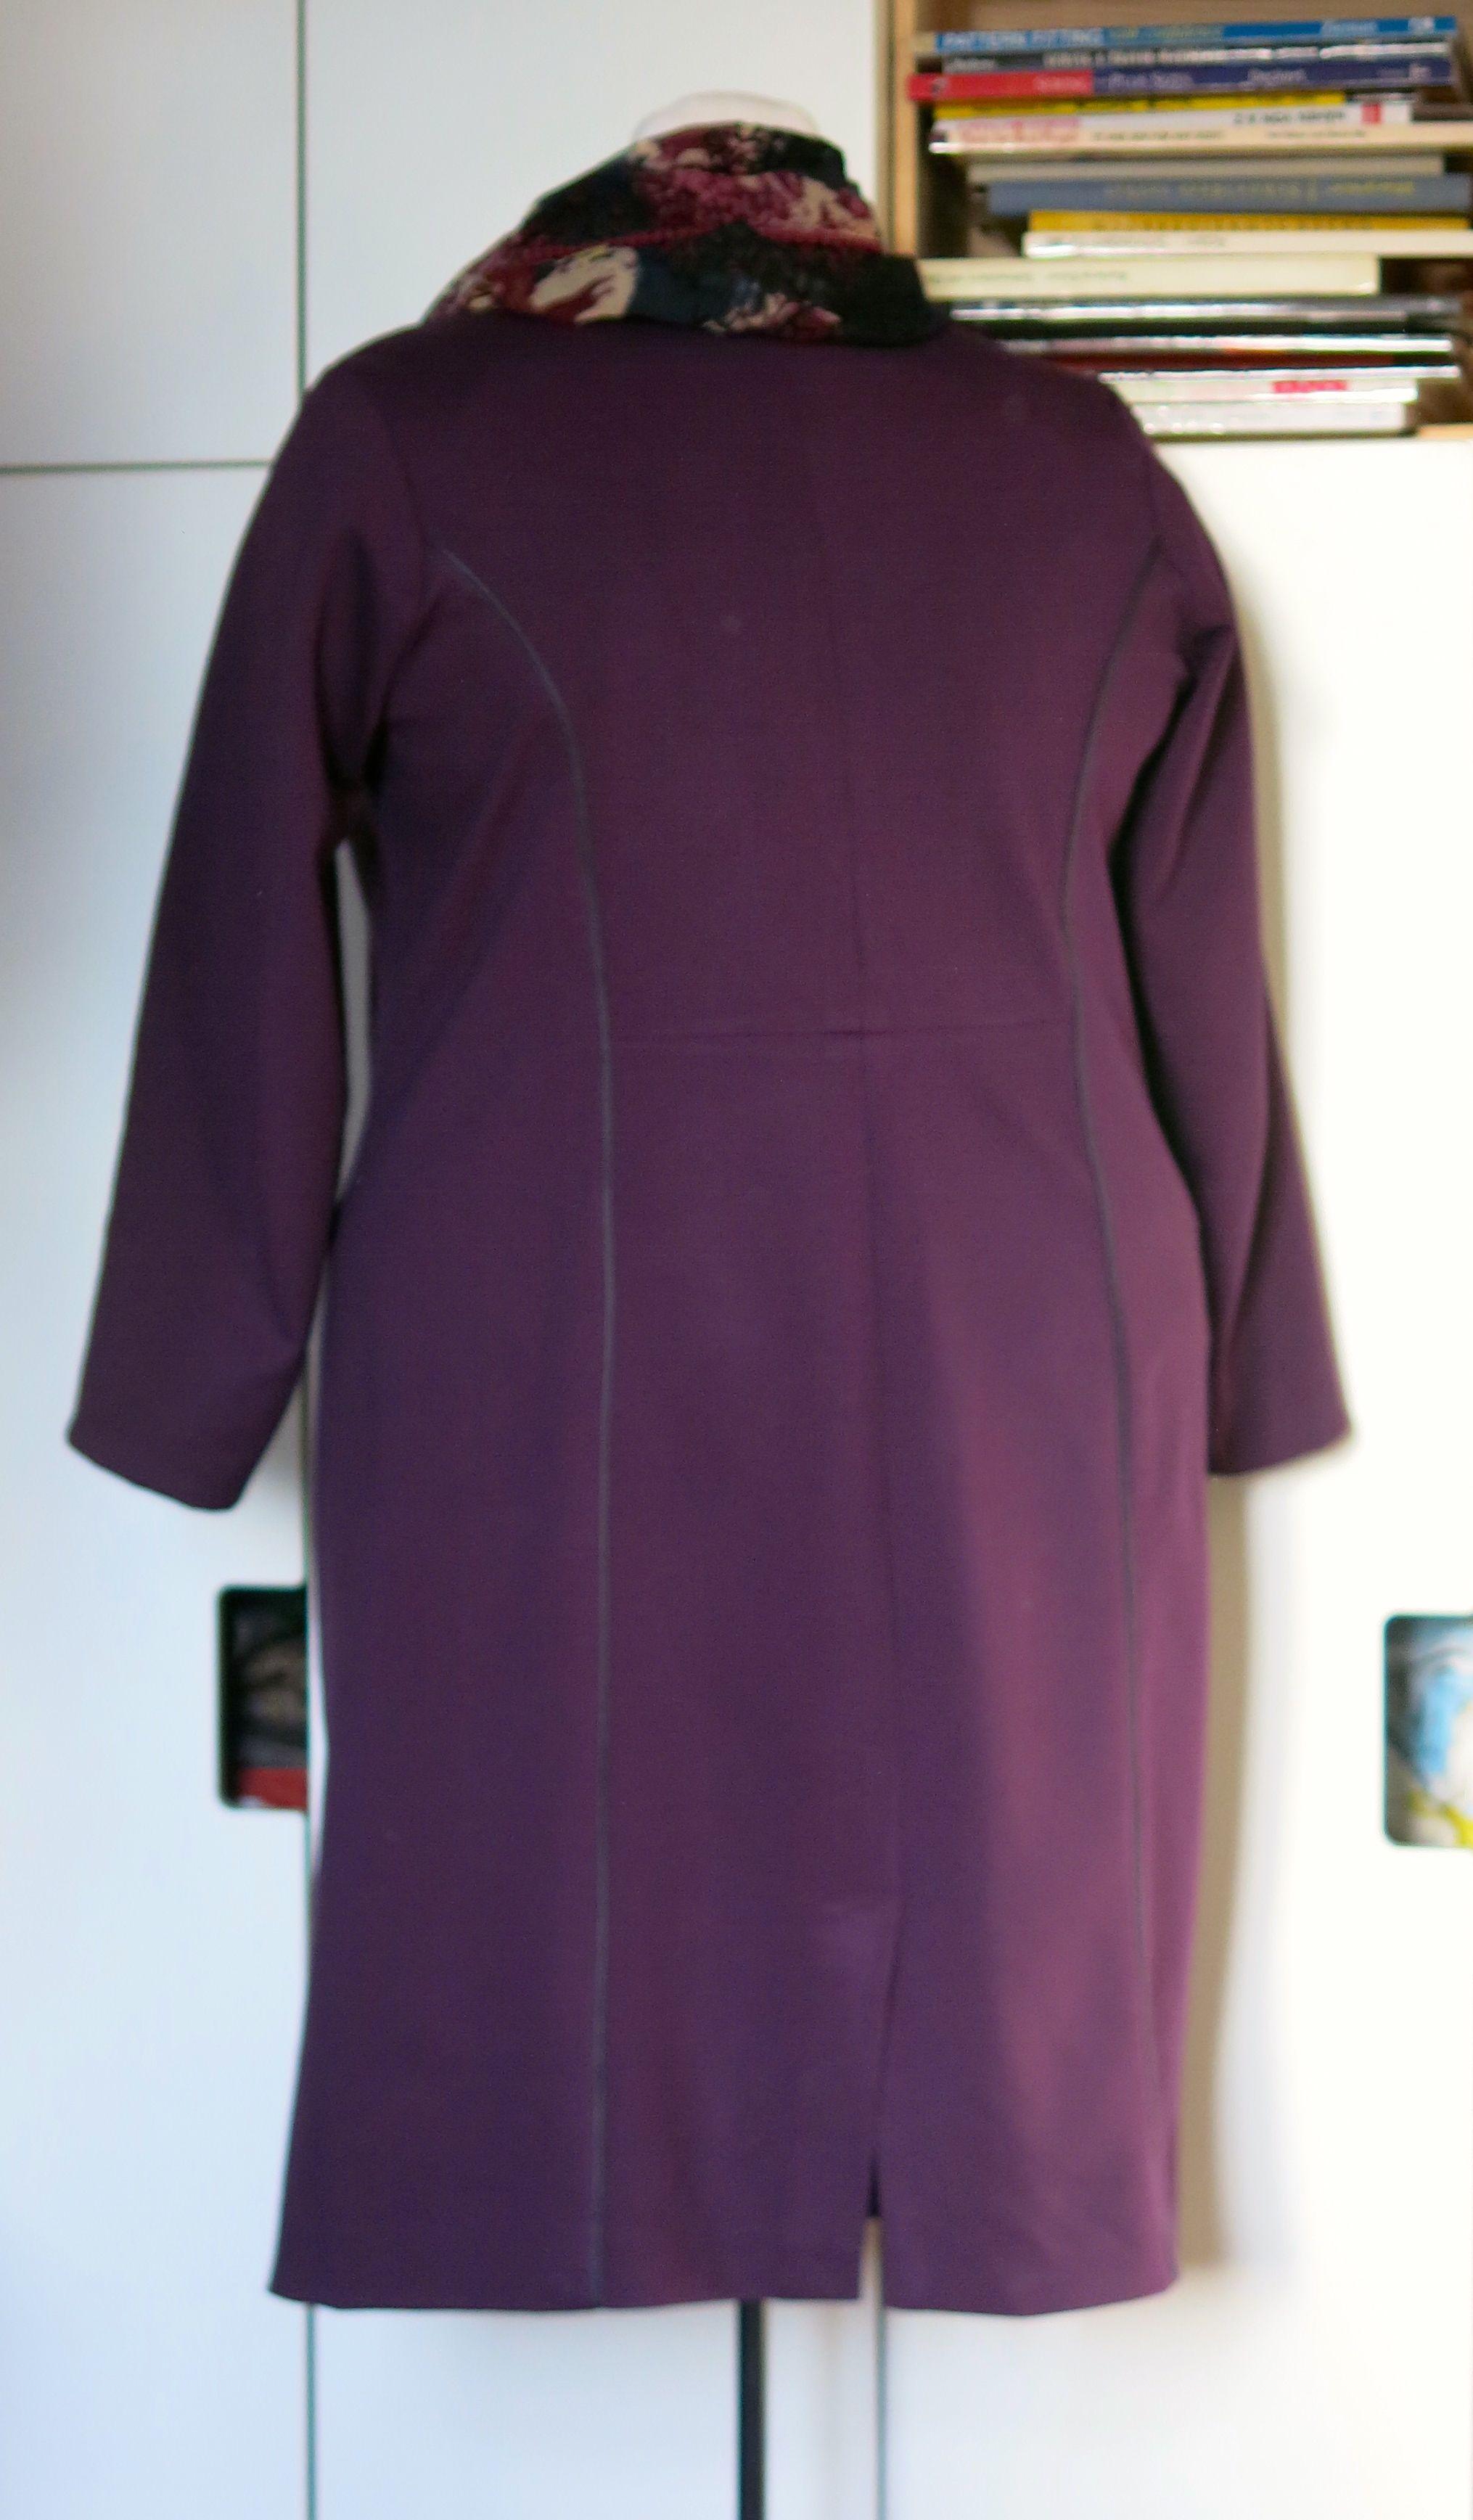 Lila Kleid adp hinten